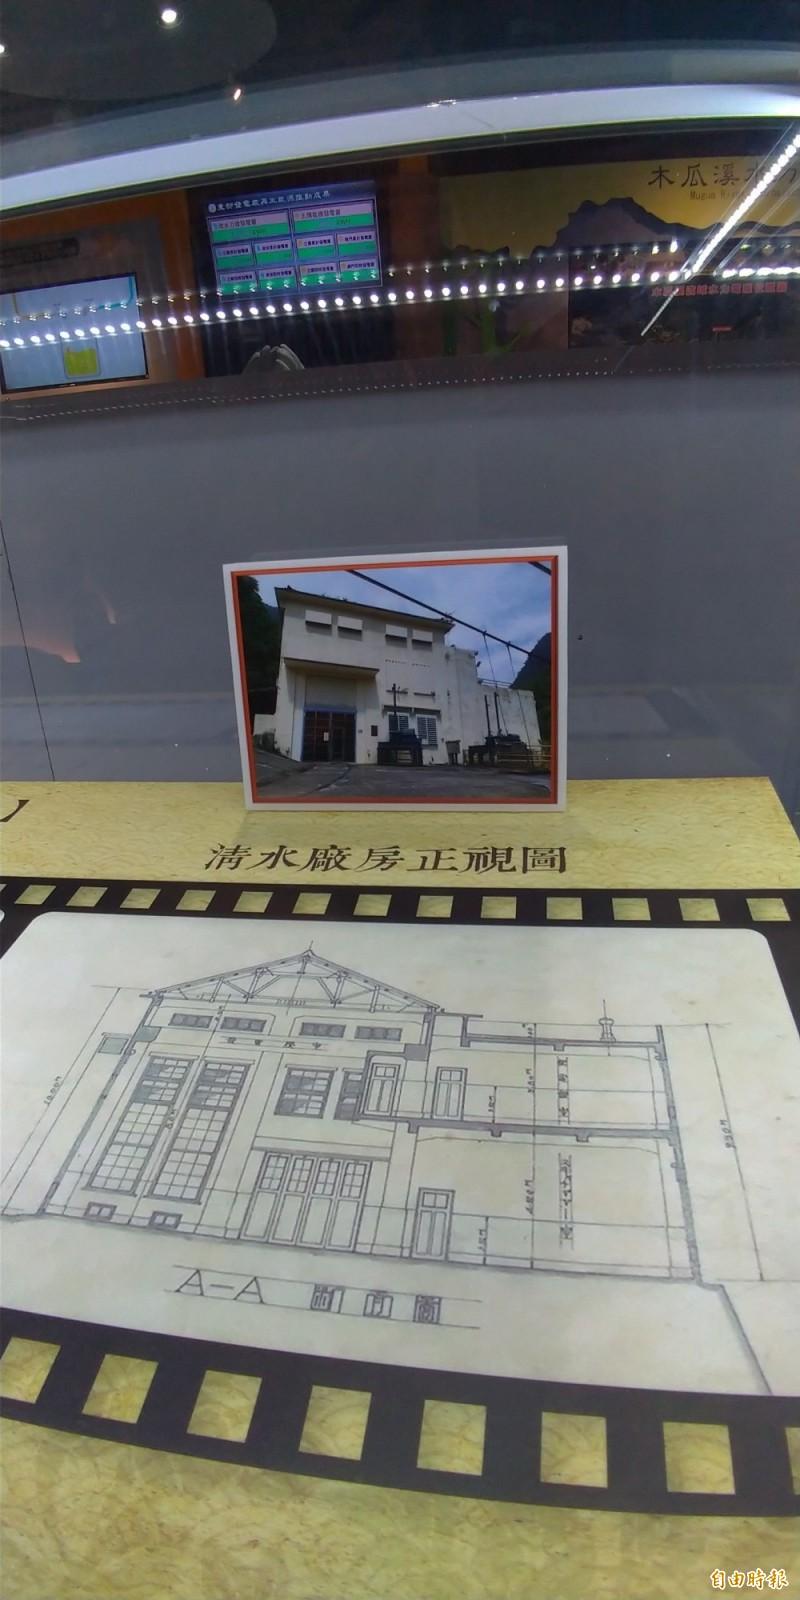 台電東部發電廠在花蓮銅門電廠外設有木瓜溪文物生態故事館,展出從建立於日治時期的清水電廠設計圖。(記者王錦義攝)